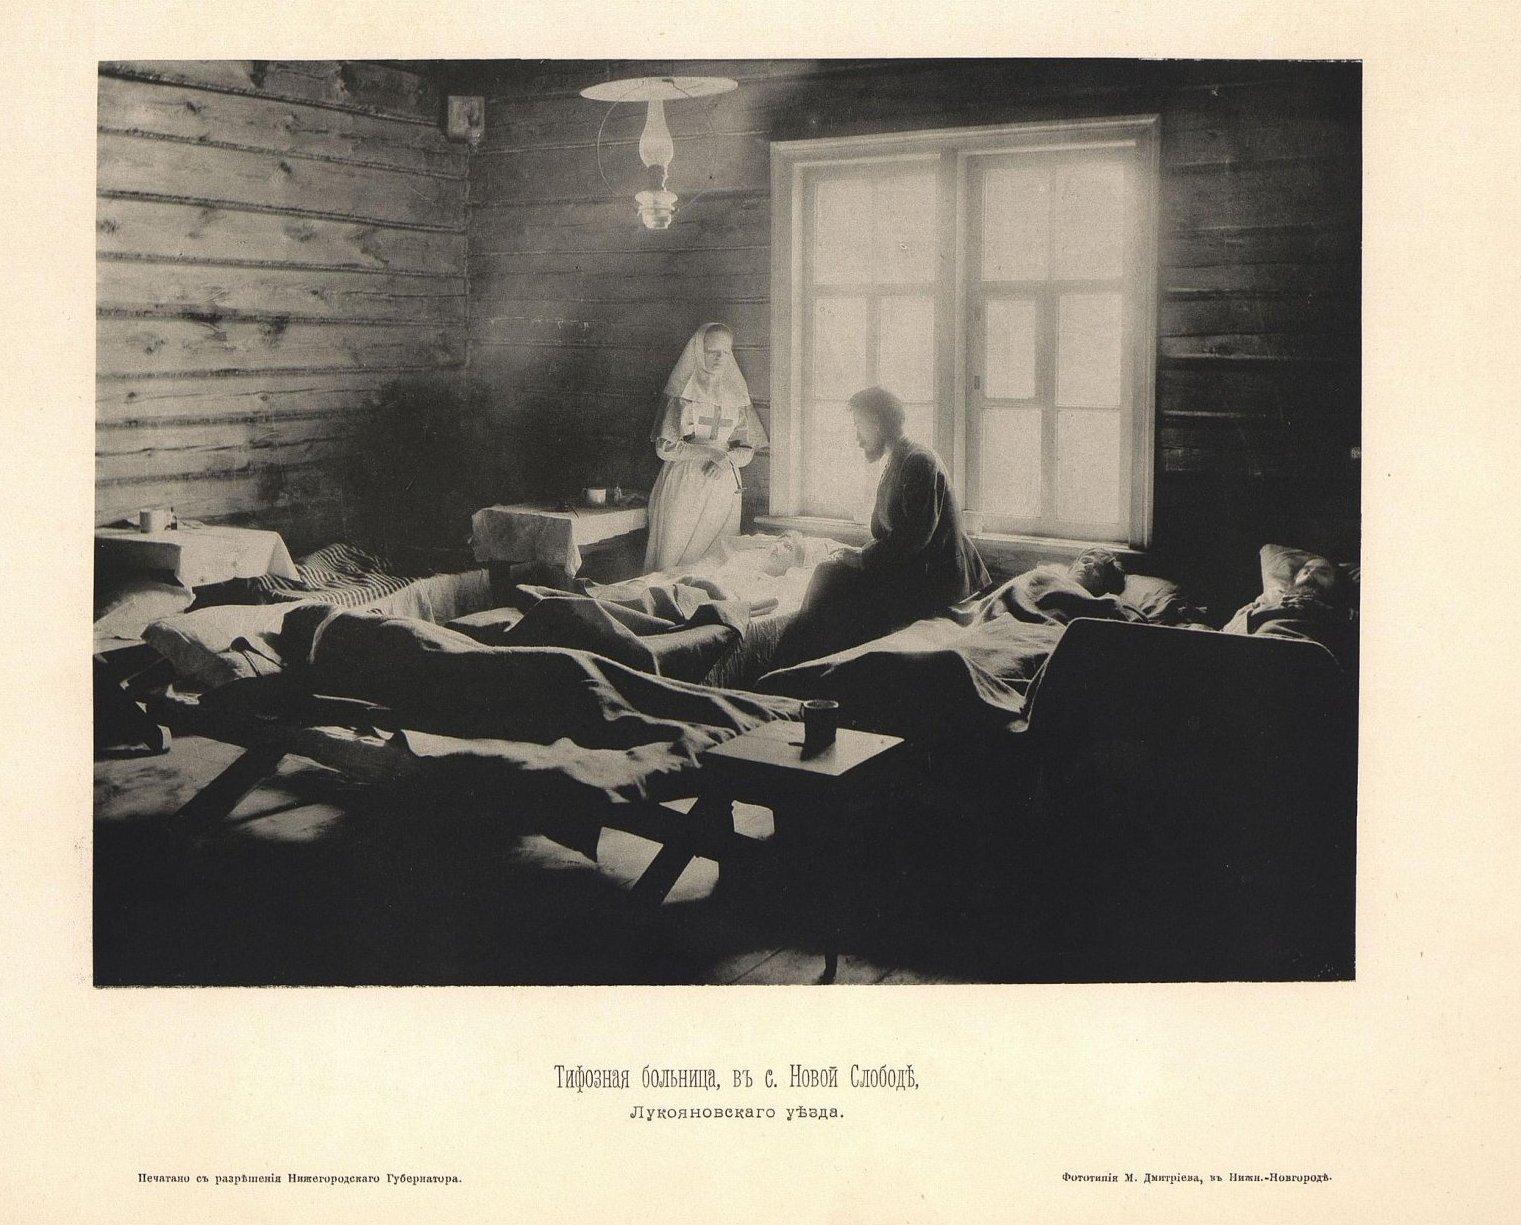 10. Тифозная больница в селе Новой Слободе Лукояновского уезда. Внутренний вид